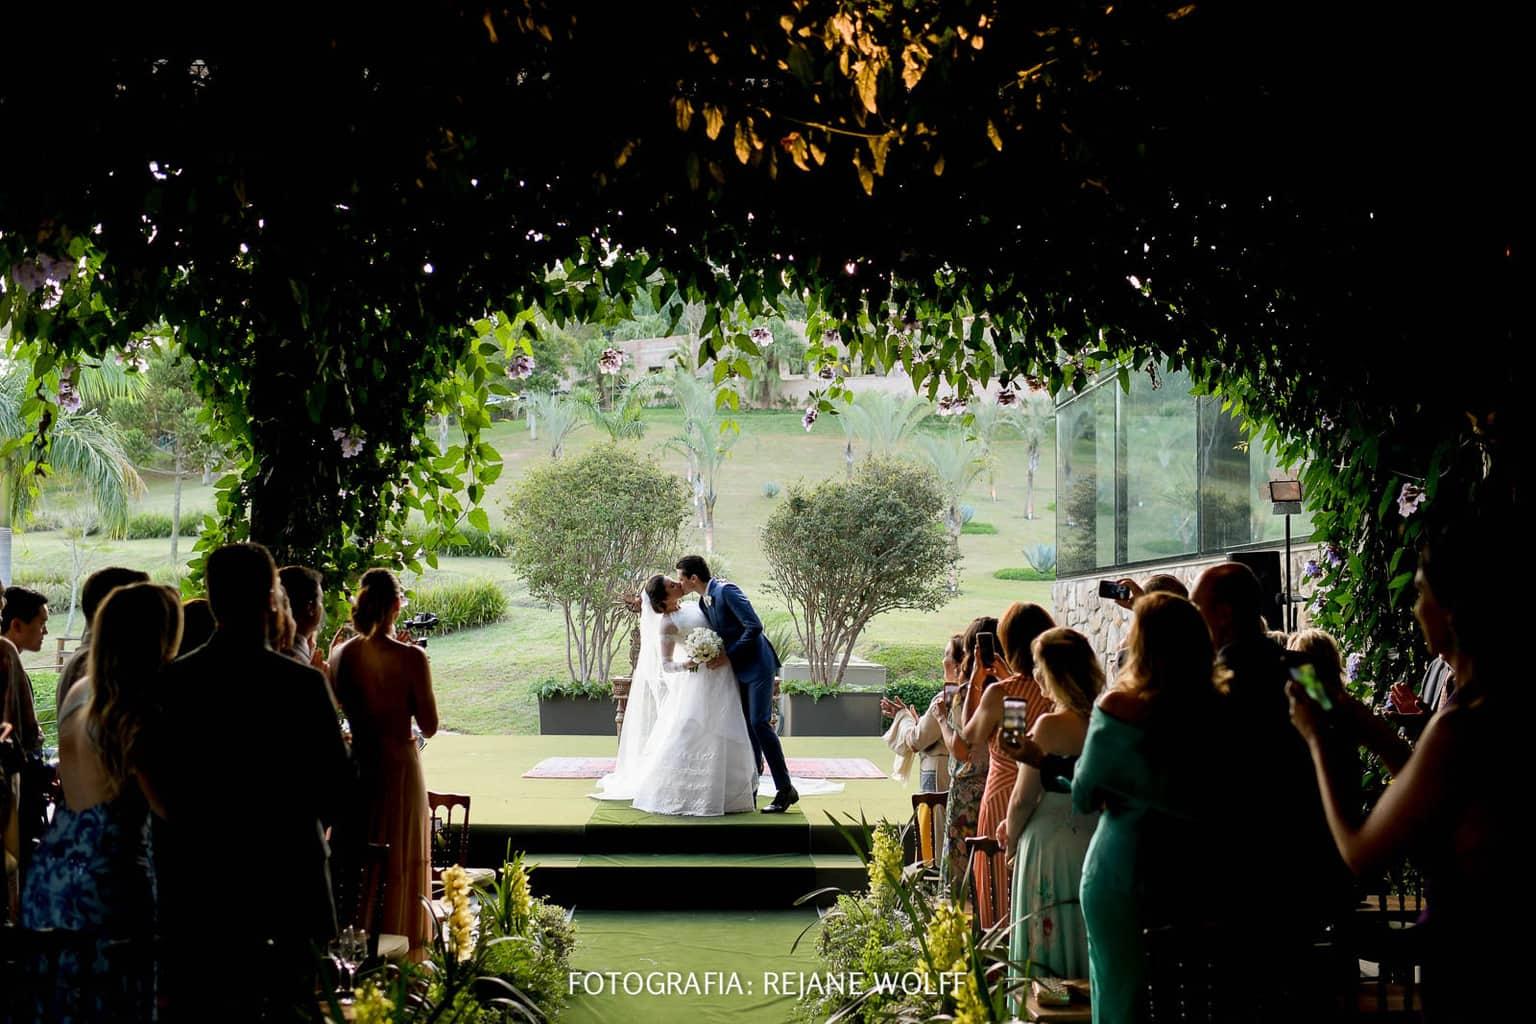 Casamento-Verane-e-Bruno-fotografia-Rejane-Wolff-hora-do-buque-Rej-Terras-de-Clara10